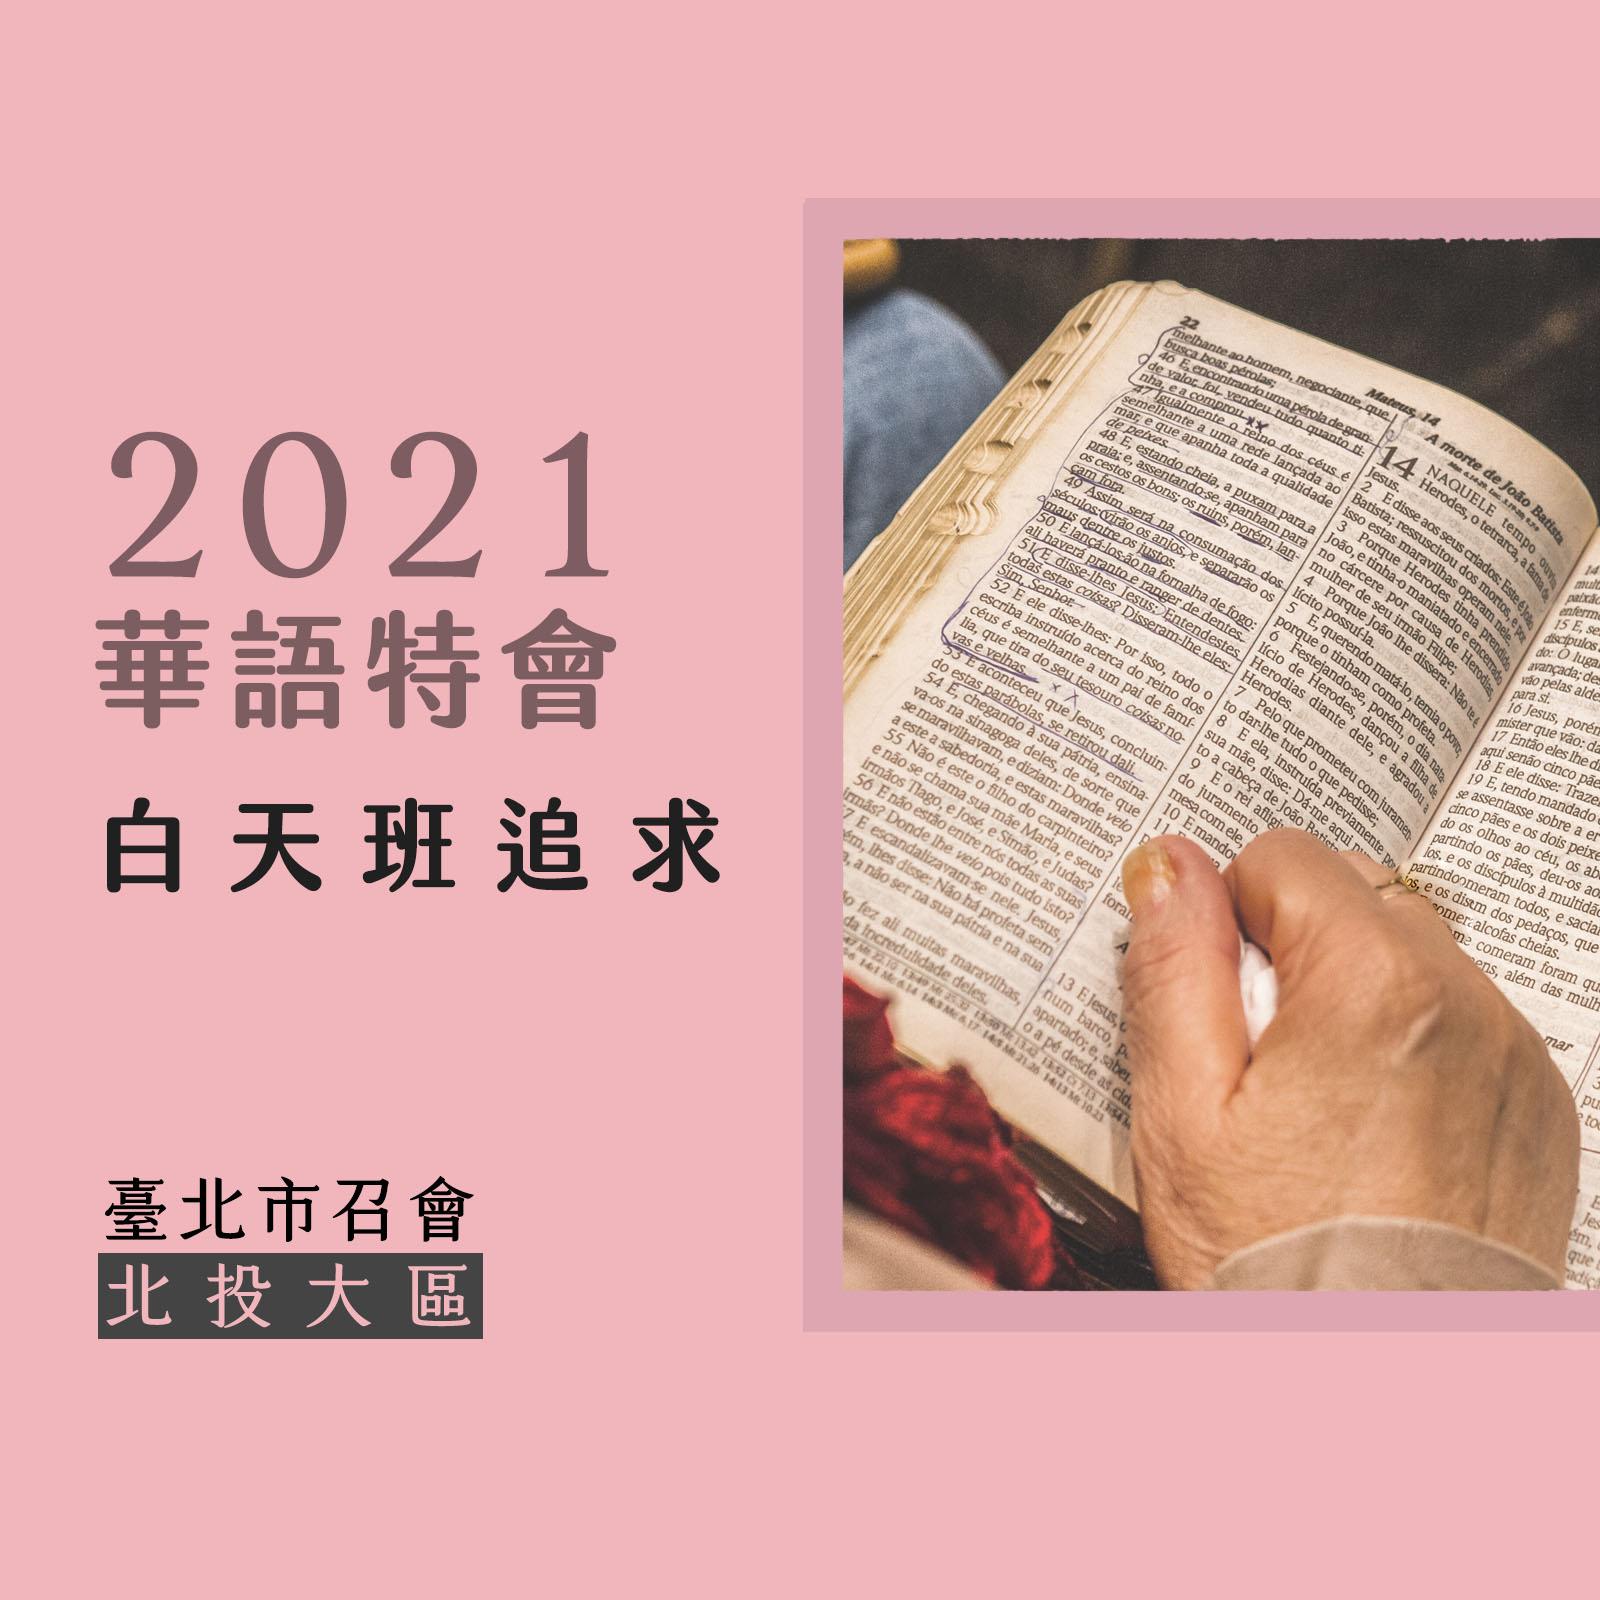 2021國際華語特會(3)--第三篇 召會內在的建造, 爲着召會生機的功用